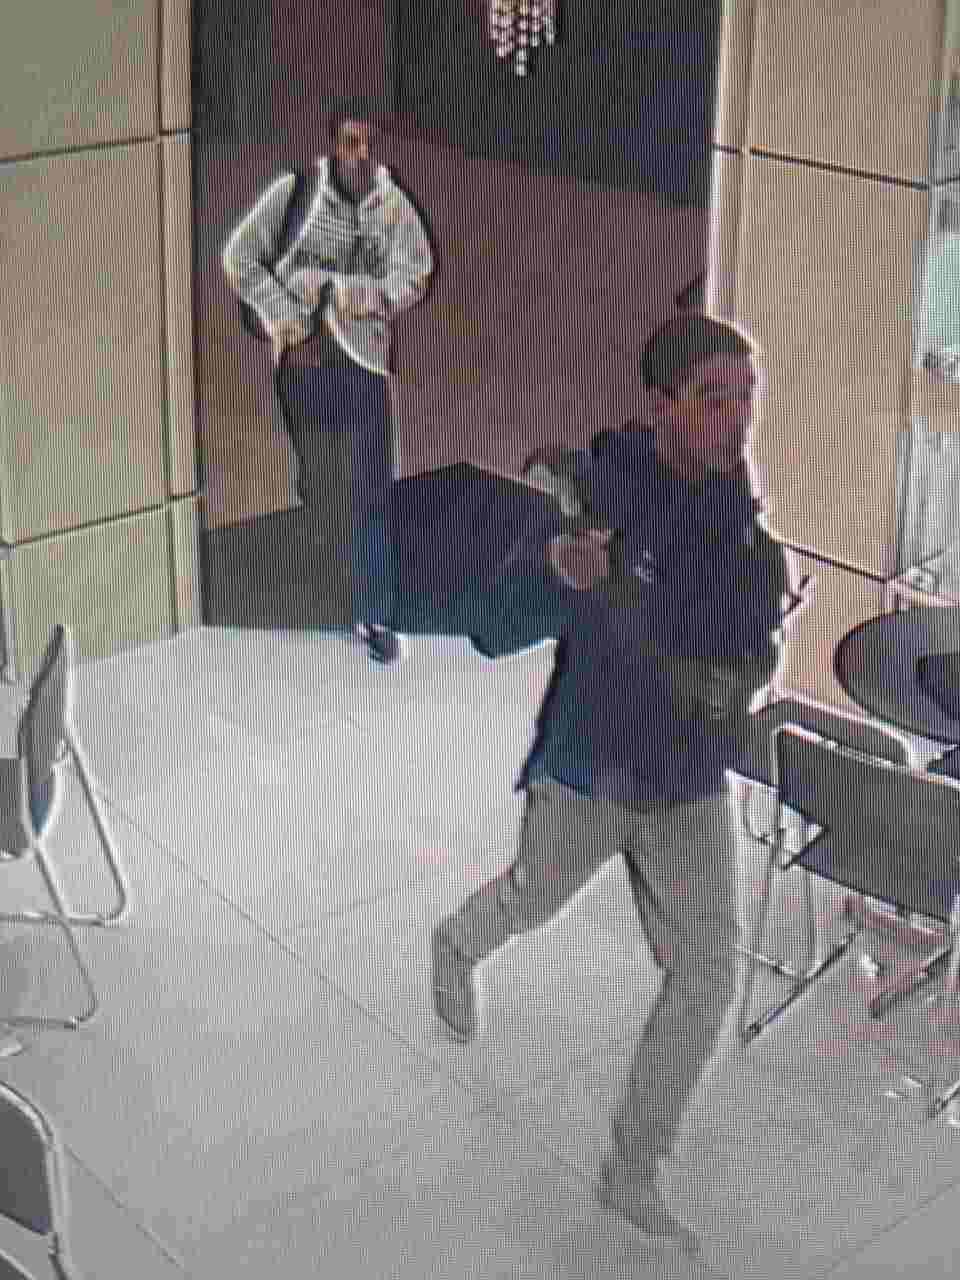 Criminosos foram flagrados durante assalto a joalheria dentro de shopping de Aparecida | Foto: Reprodução